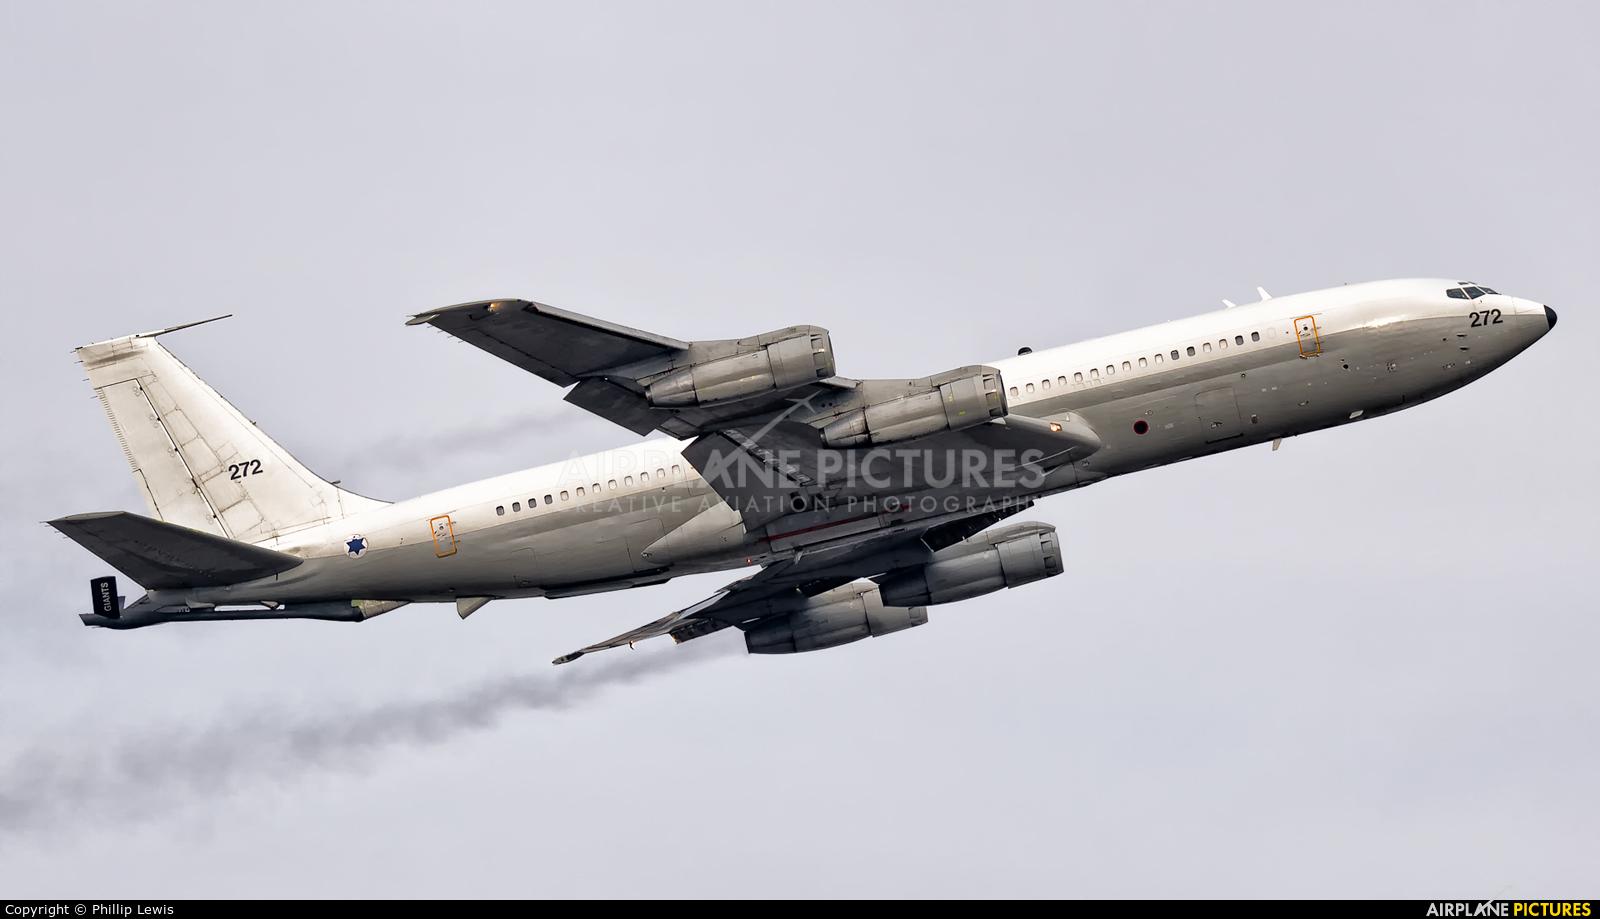 Israel - Defence Force 272 aircraft at Frankfurt